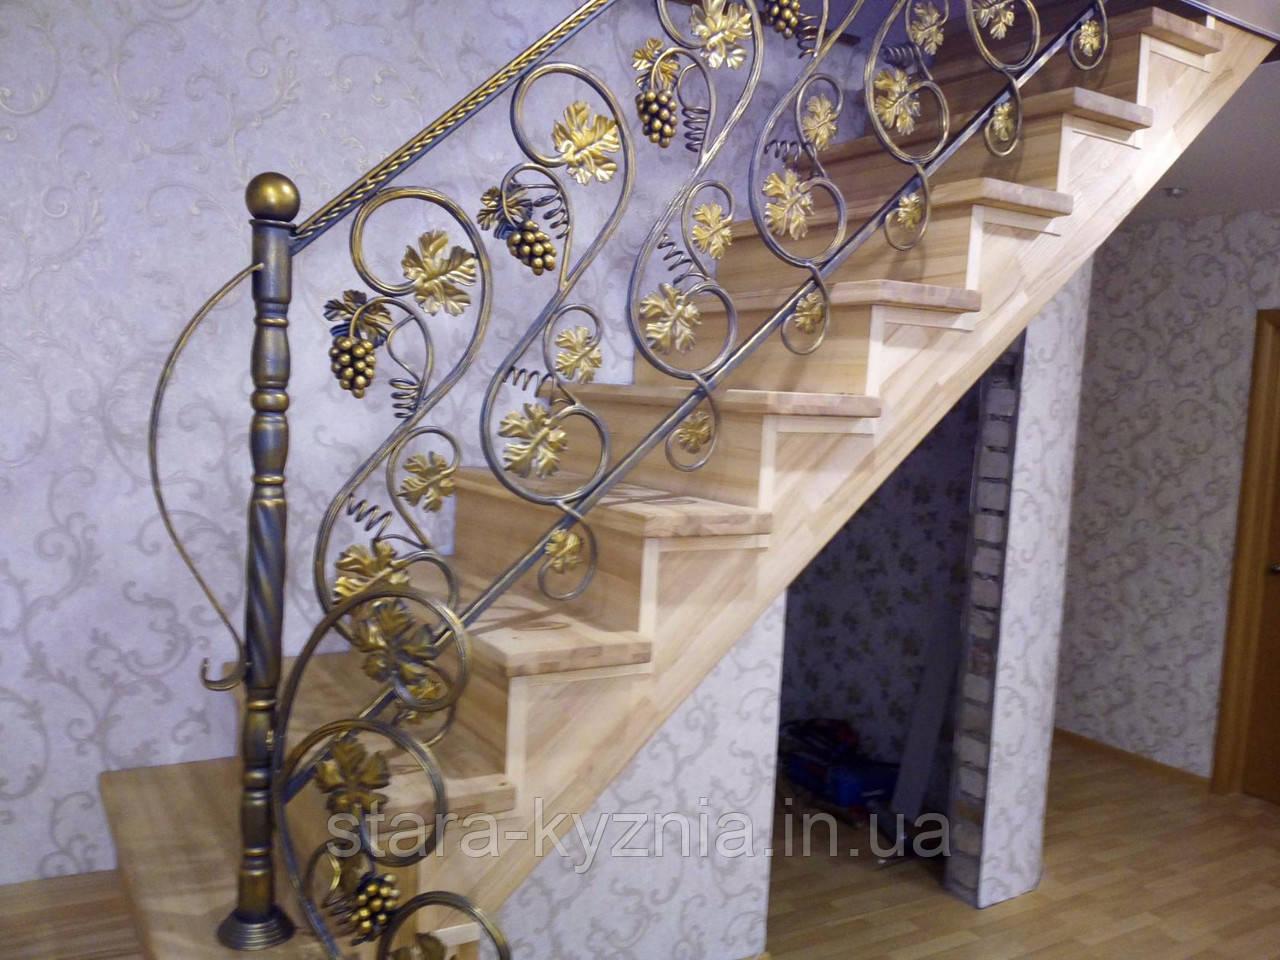 Кованая лестница (Арабела) - Старая кузня в Полтавской области